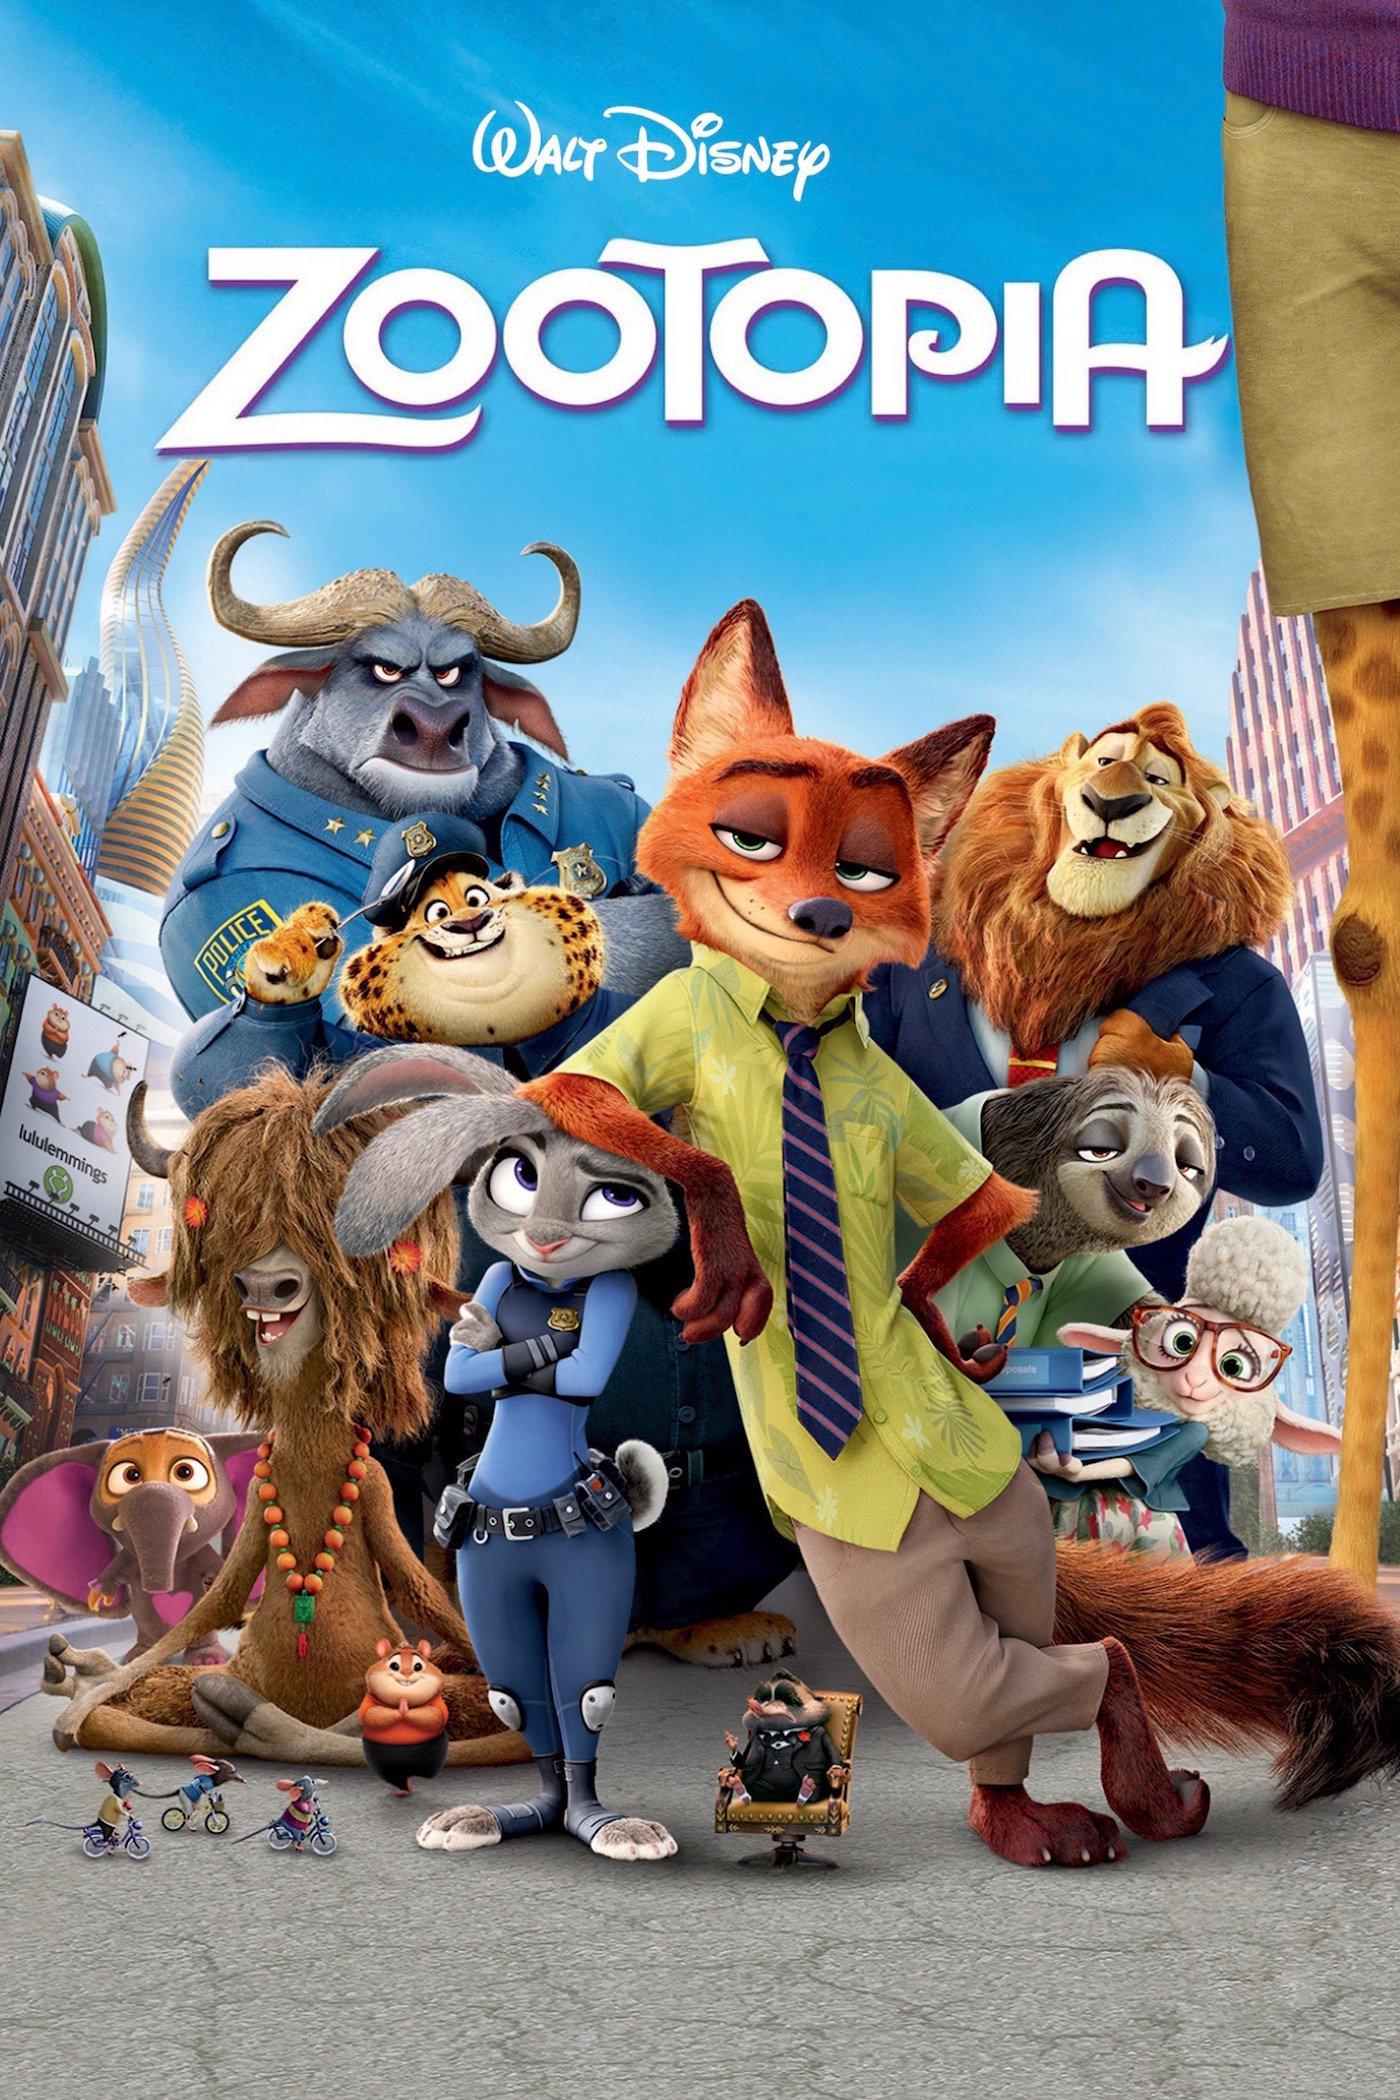 دانلود انیمیشن زوتوپیا Zootopia 2016 بهمراه نسخه دوبله